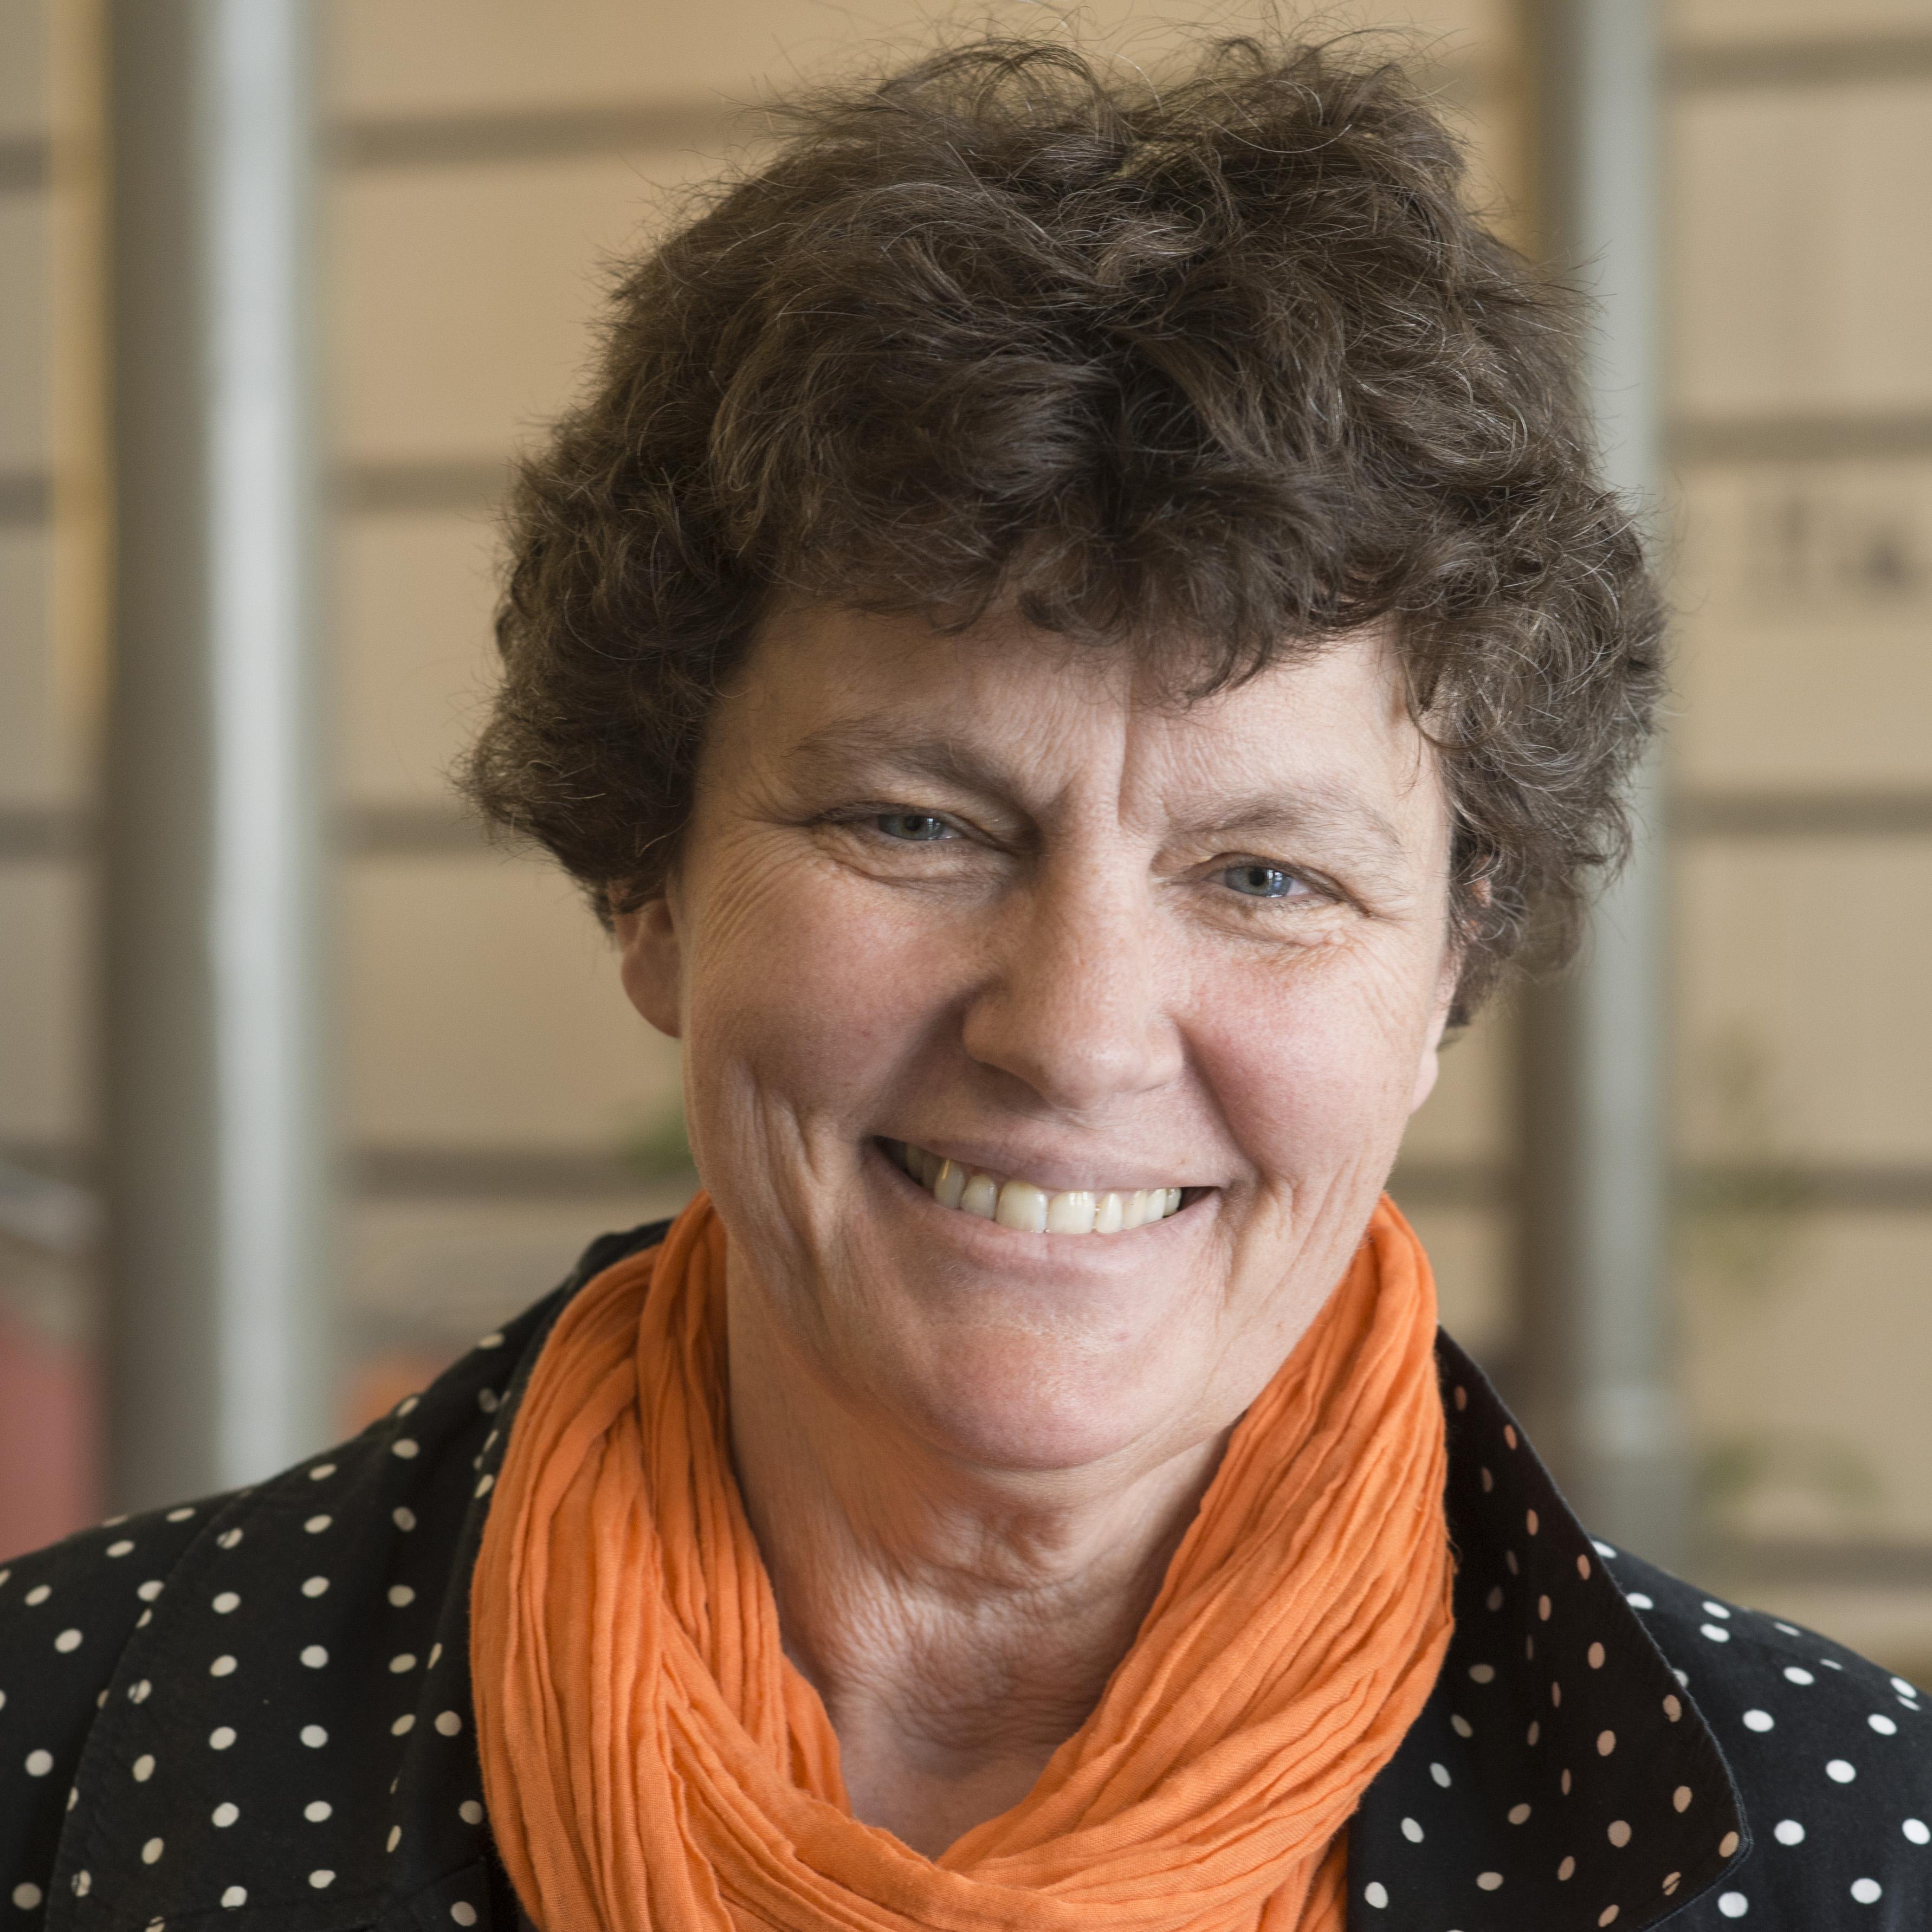 Un nouveau conseil d'administration pour la Mobilisation, présidé par docteur Françoise Fromageau de la Croix-Rouge française